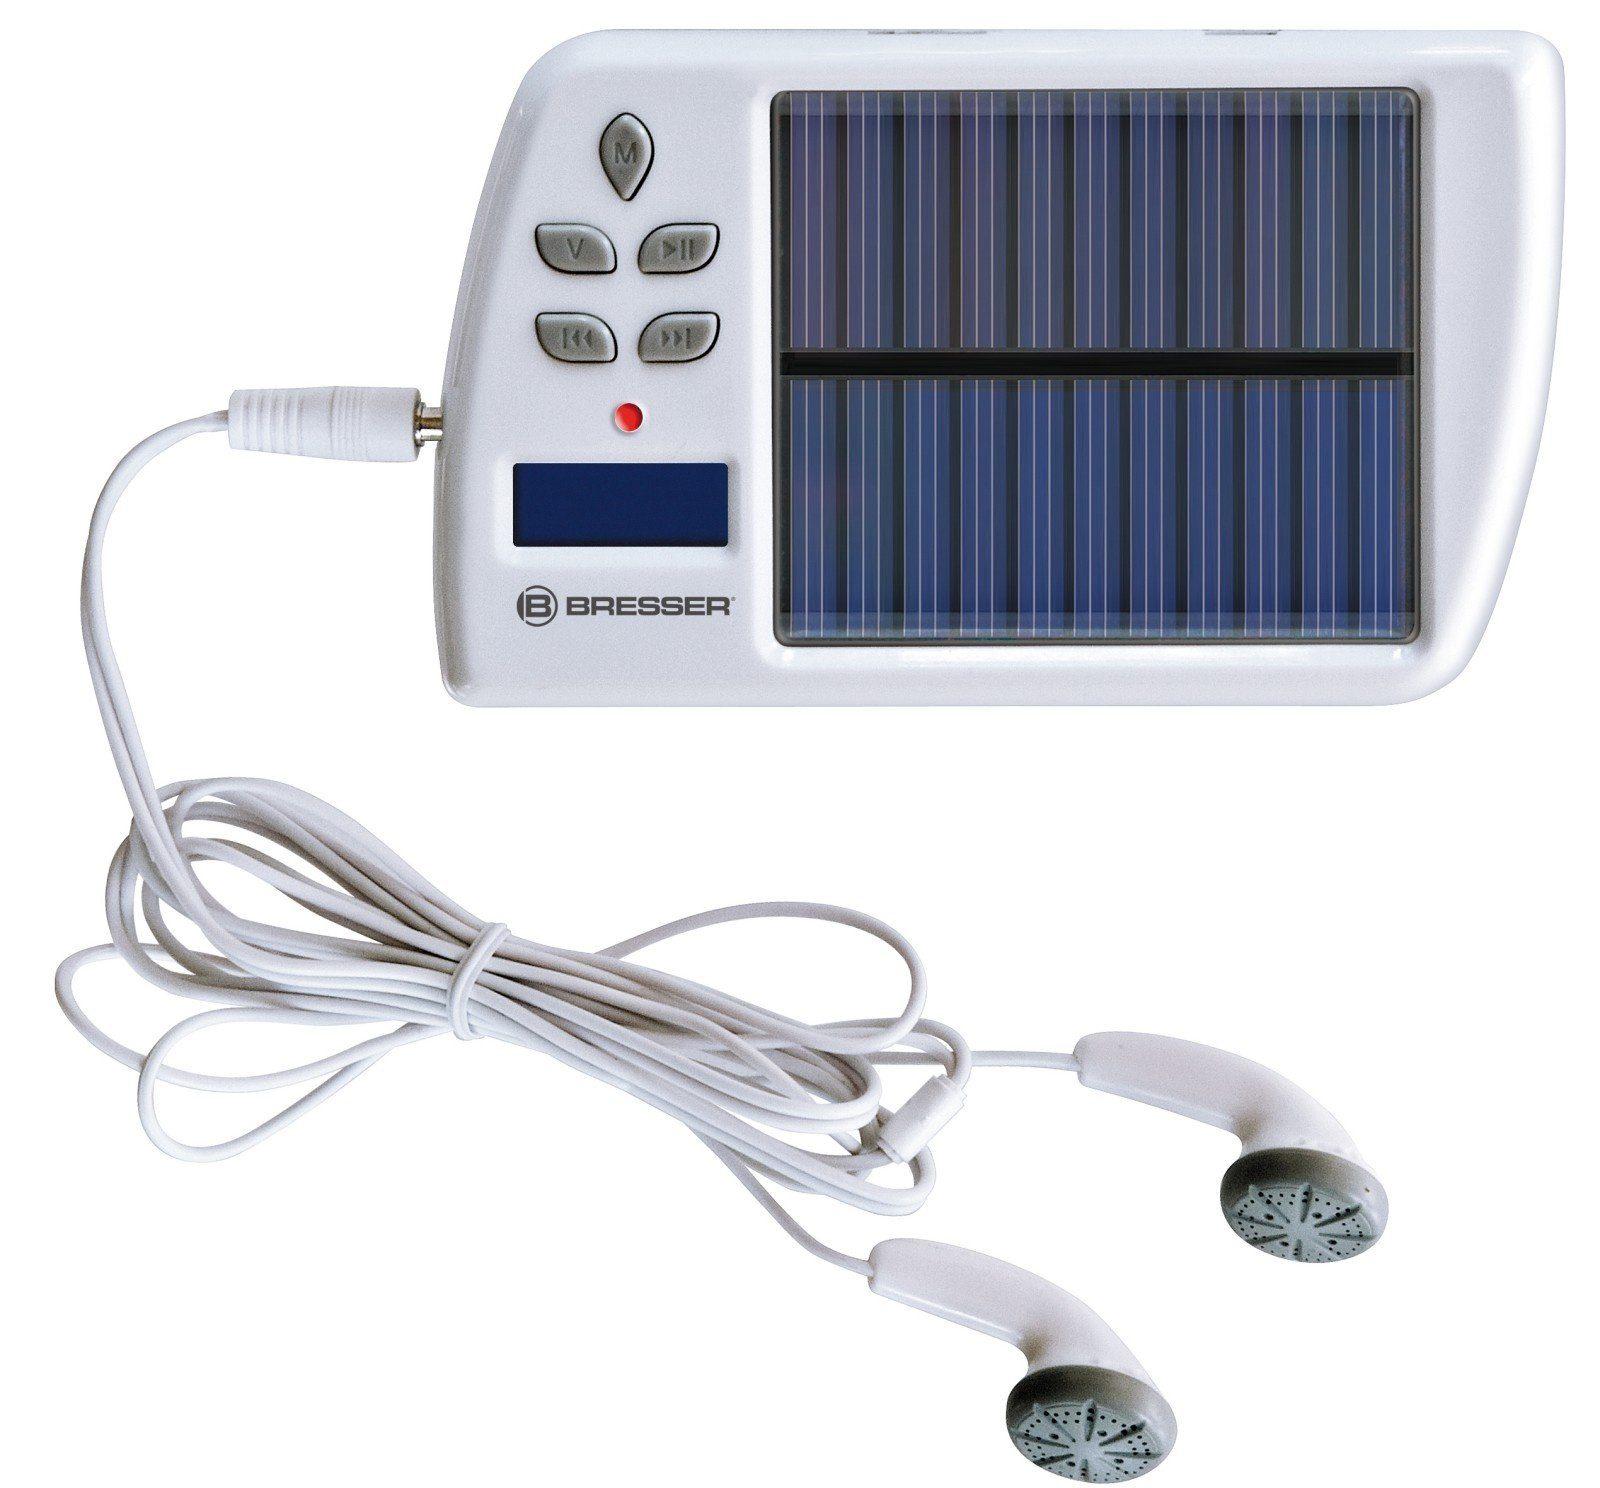 Bresser Solarladegerät »Solar MP3/FM Ladegerät«